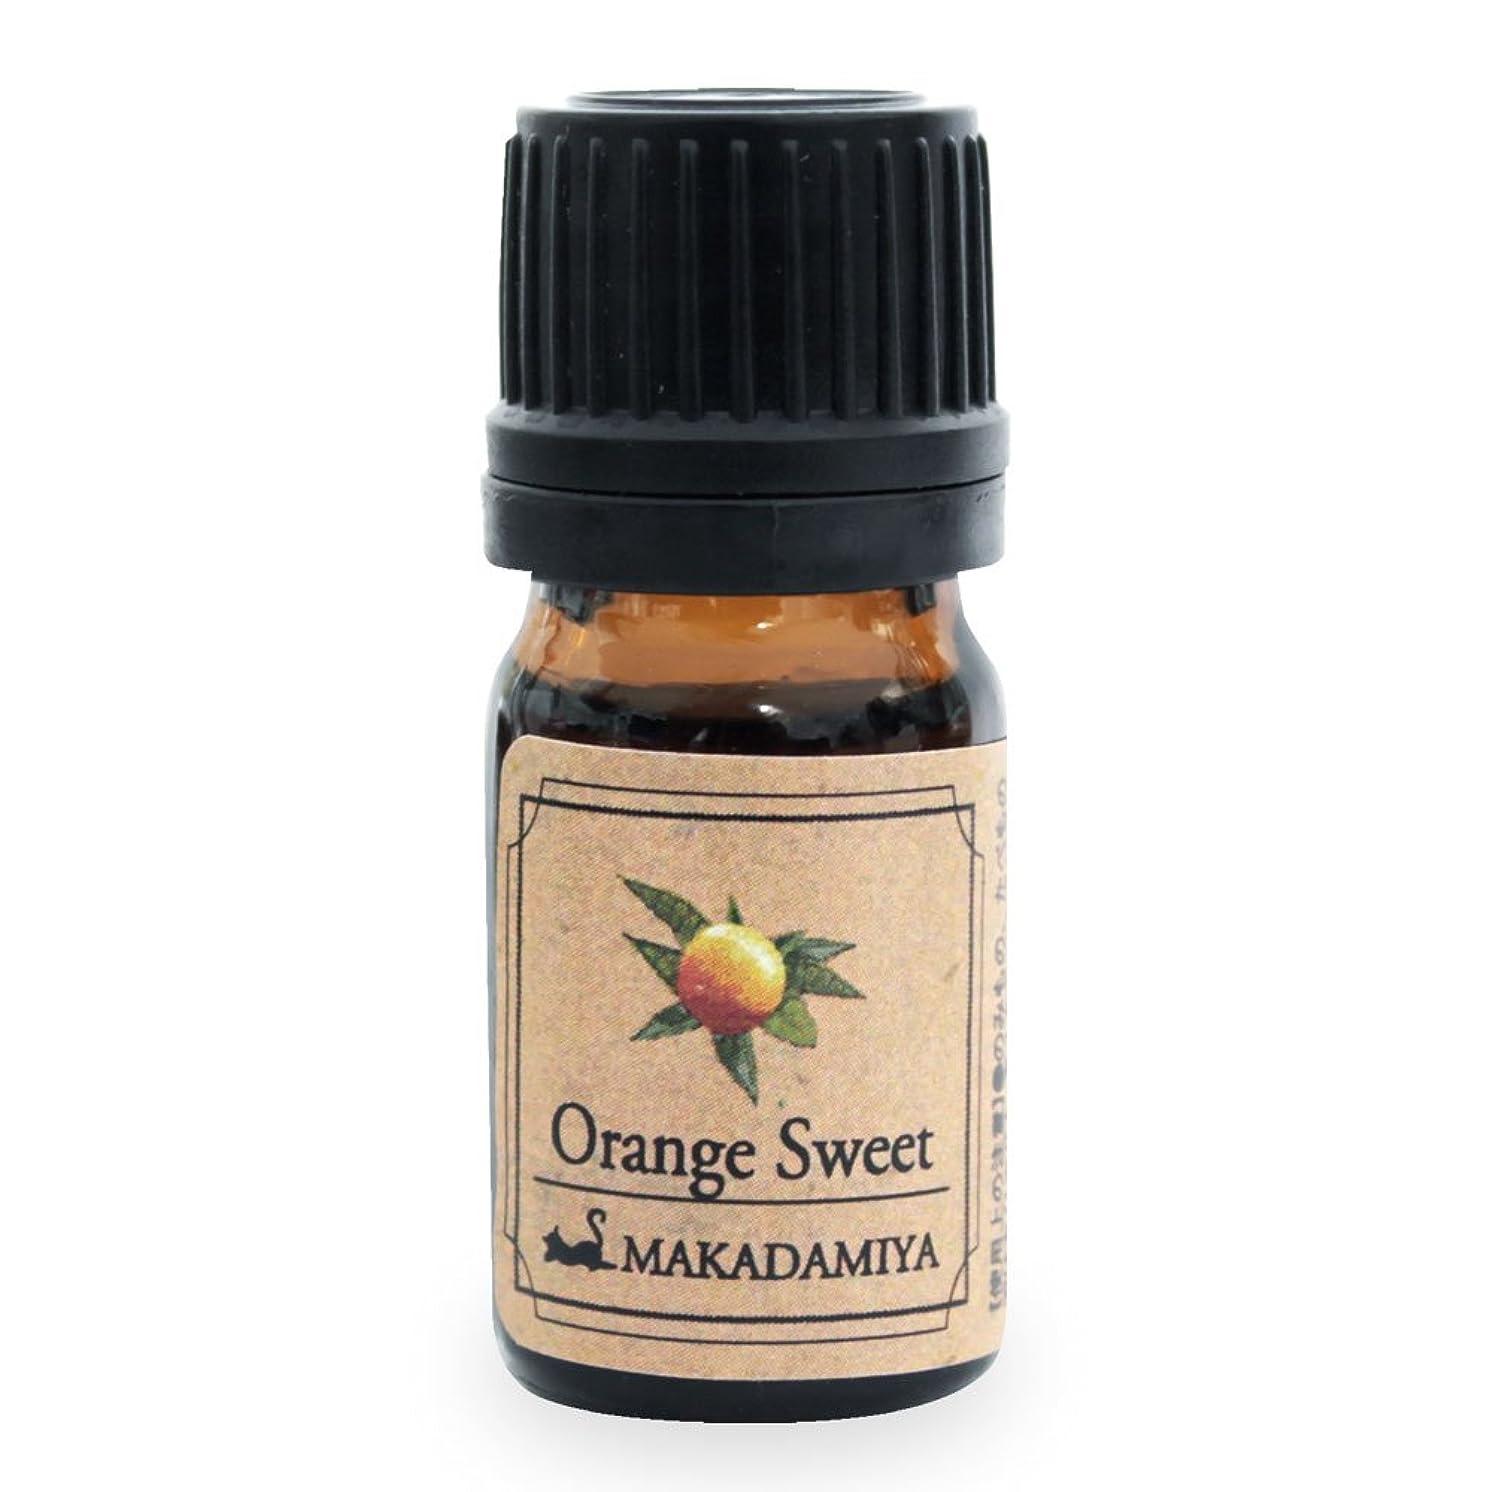 ライトニング大気読むオレンジ?スイート5ml 天然100%植物性 エッセンシャルオイル(精油) アロマオイル アロママッサージ aroma Orange Sweet